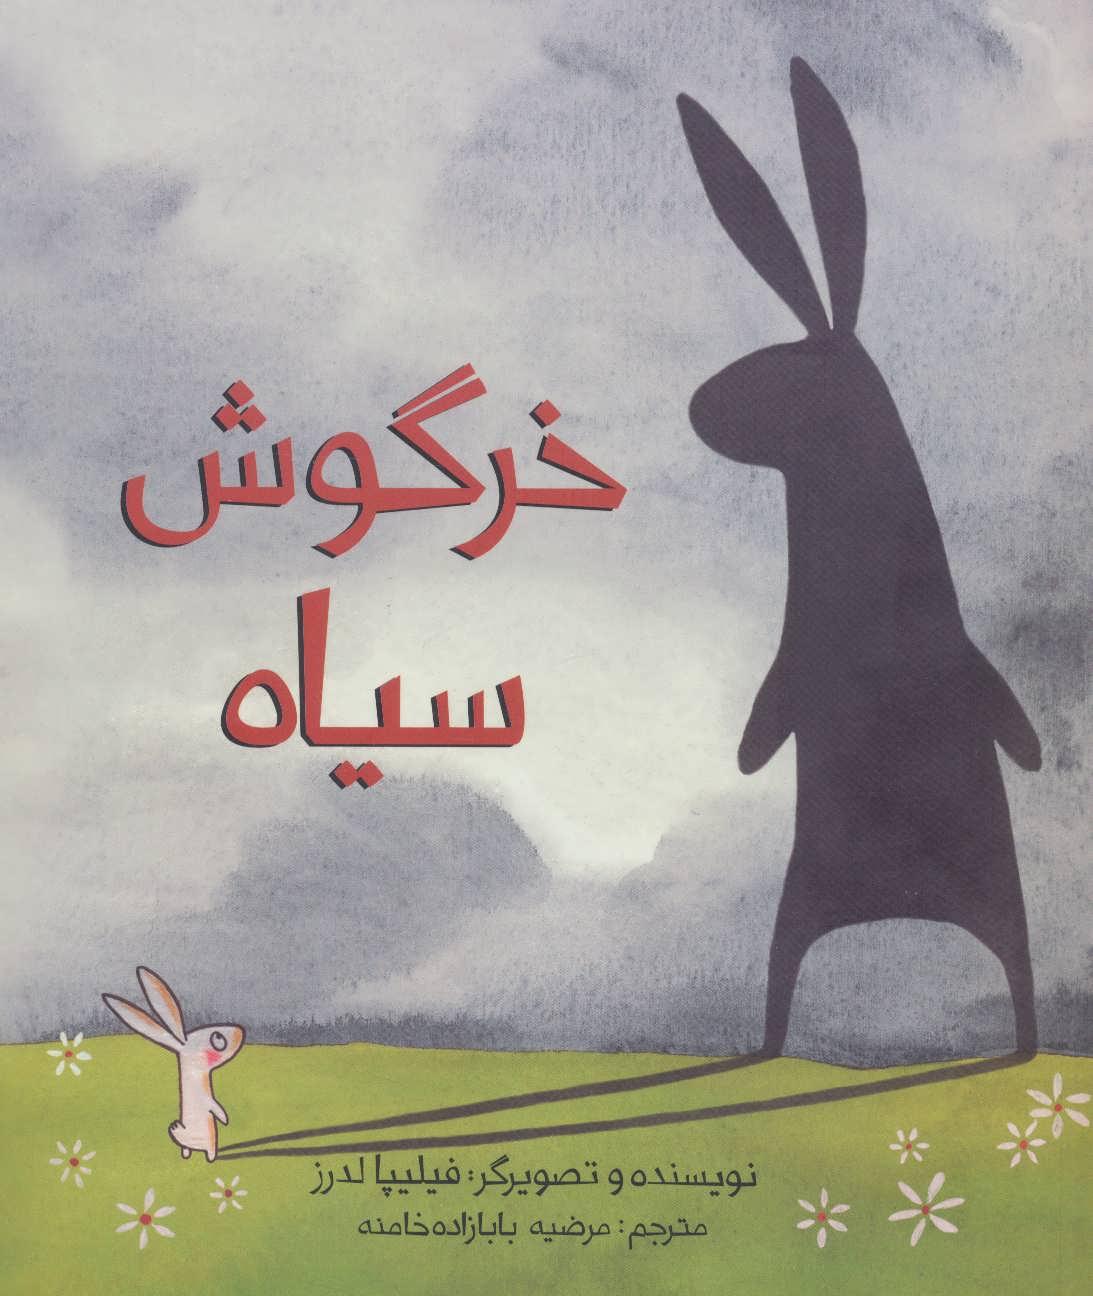 کتاب خرگوش سیاه (وزیری)